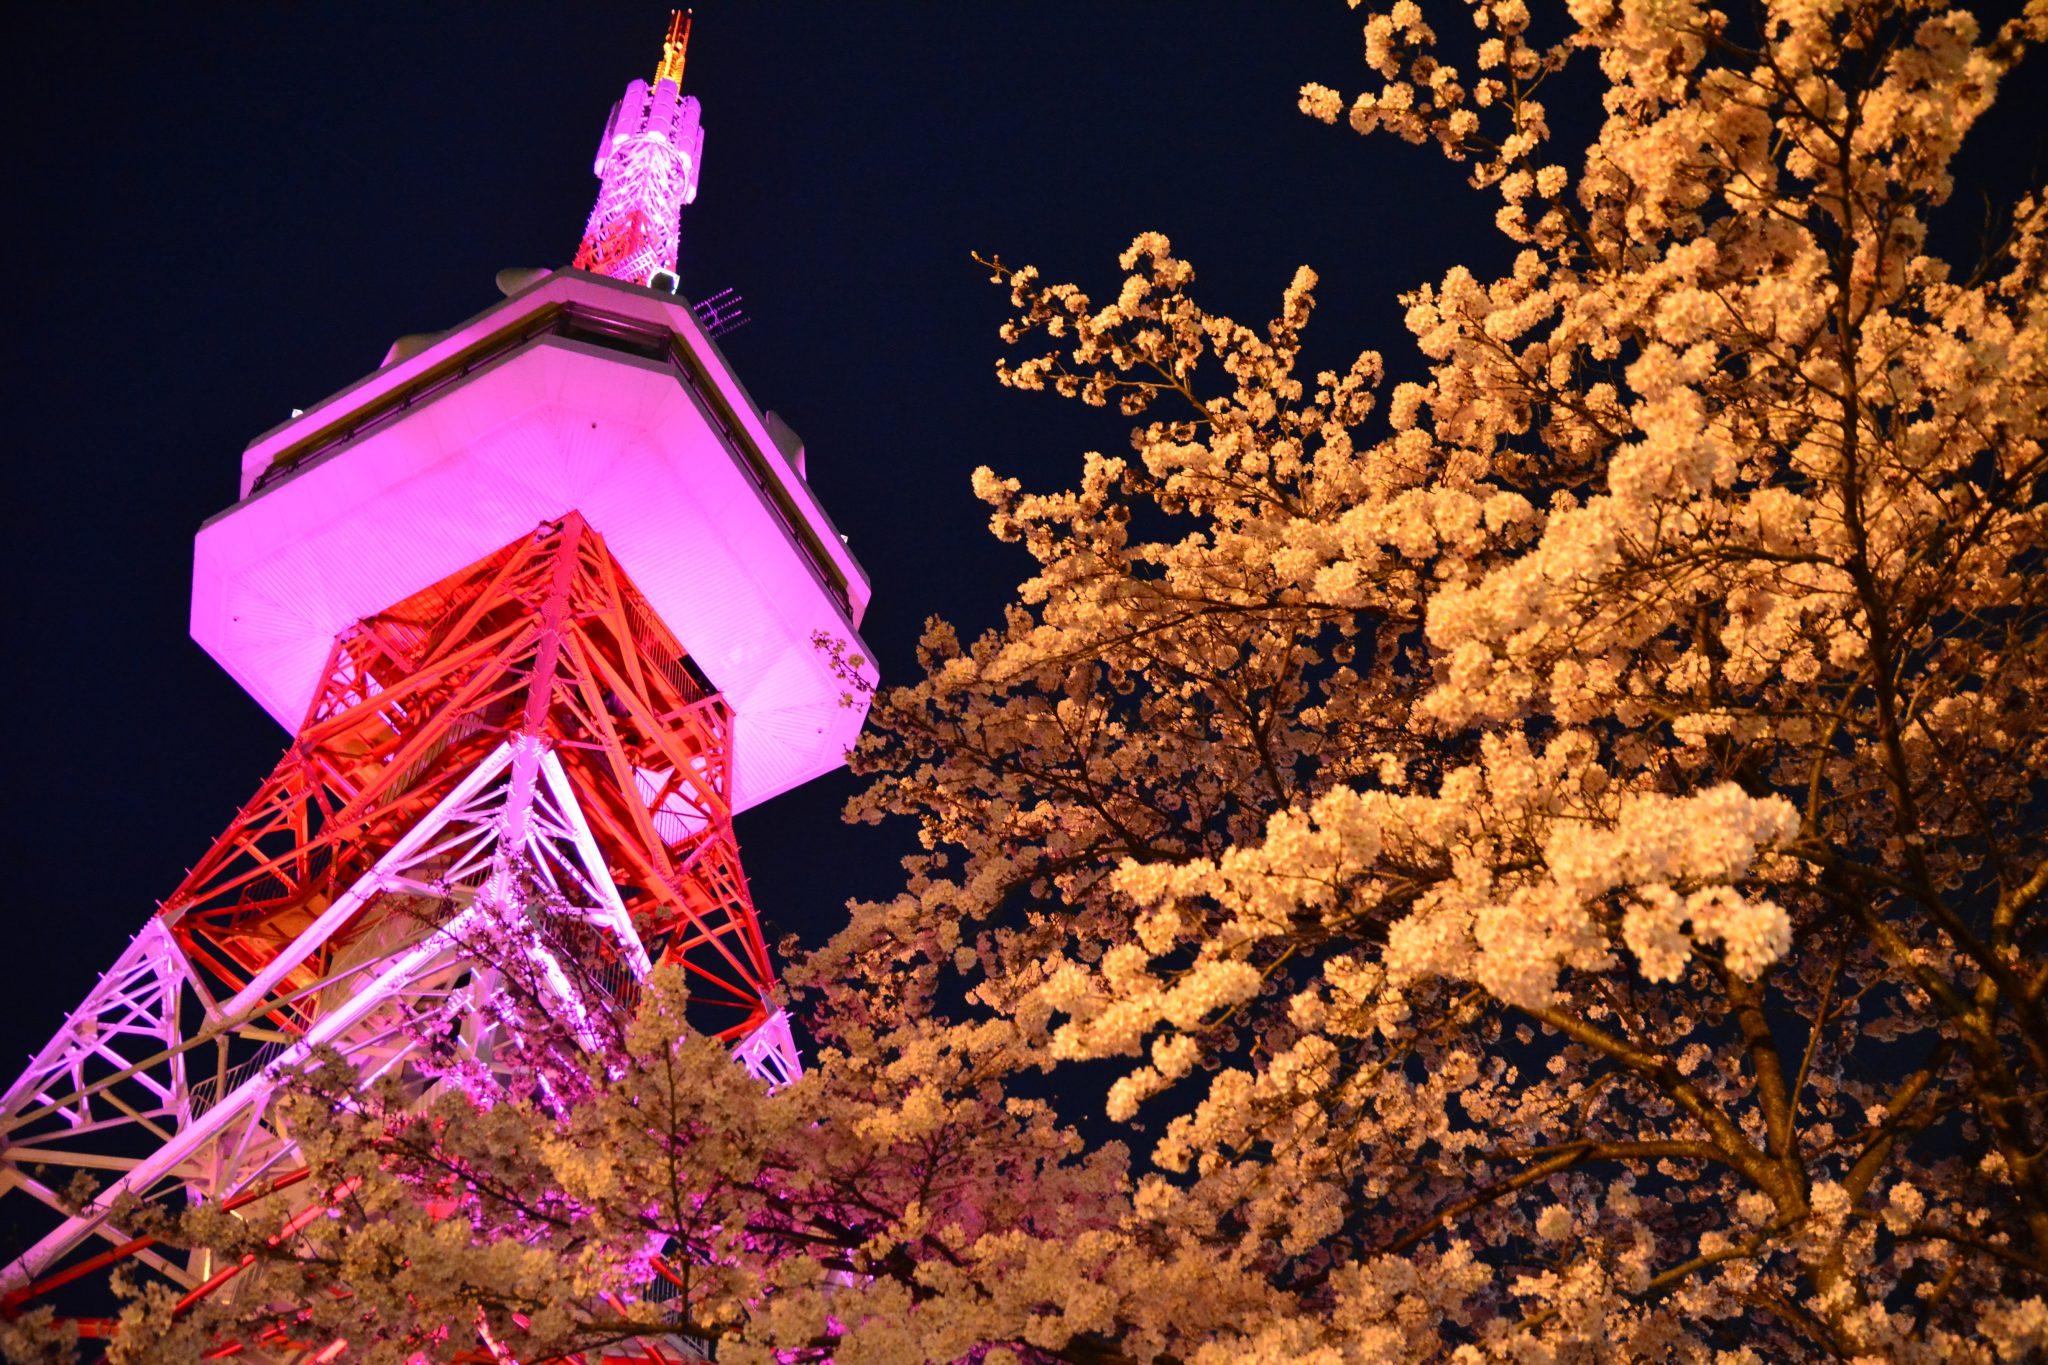 [宇都宮] 2020年 八幡山の花見、タワーや屋台等は営業中止 ライトアップも・・・